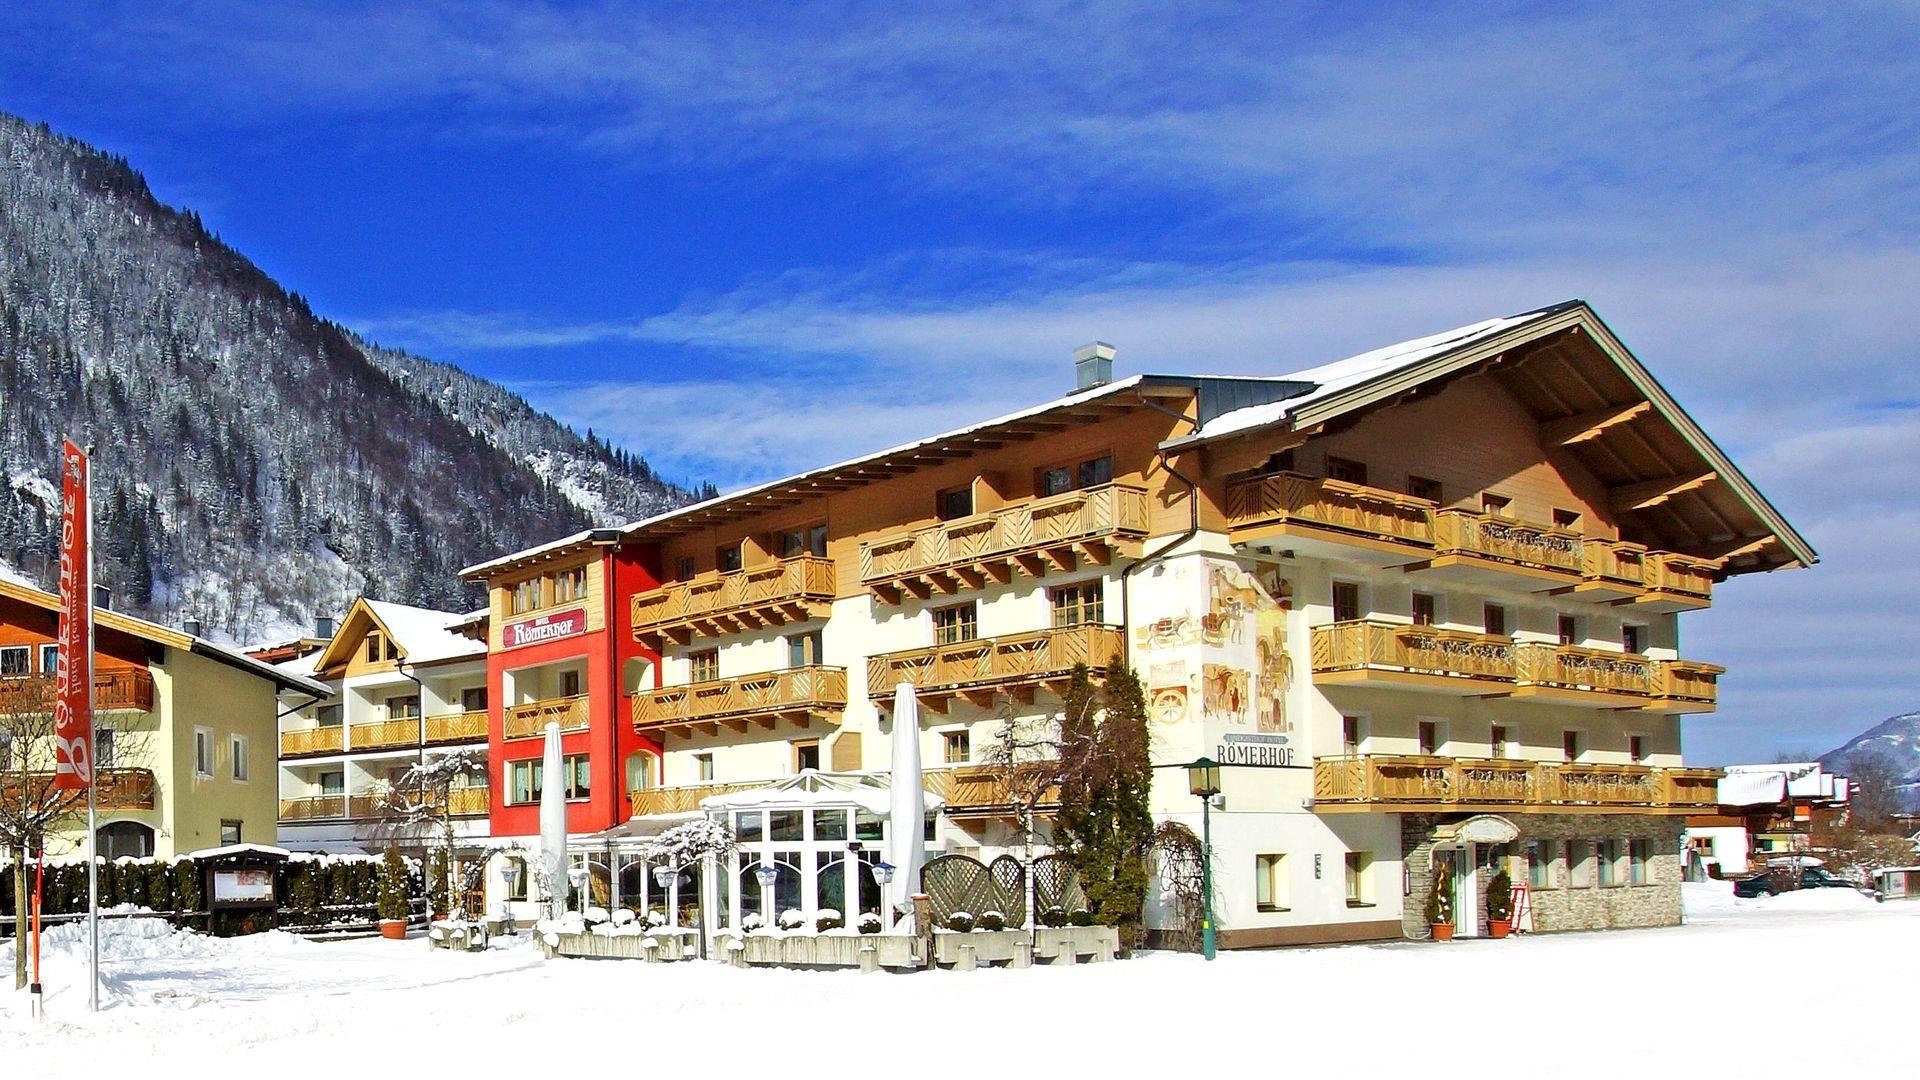 Hotel Romerhof - Slide 1